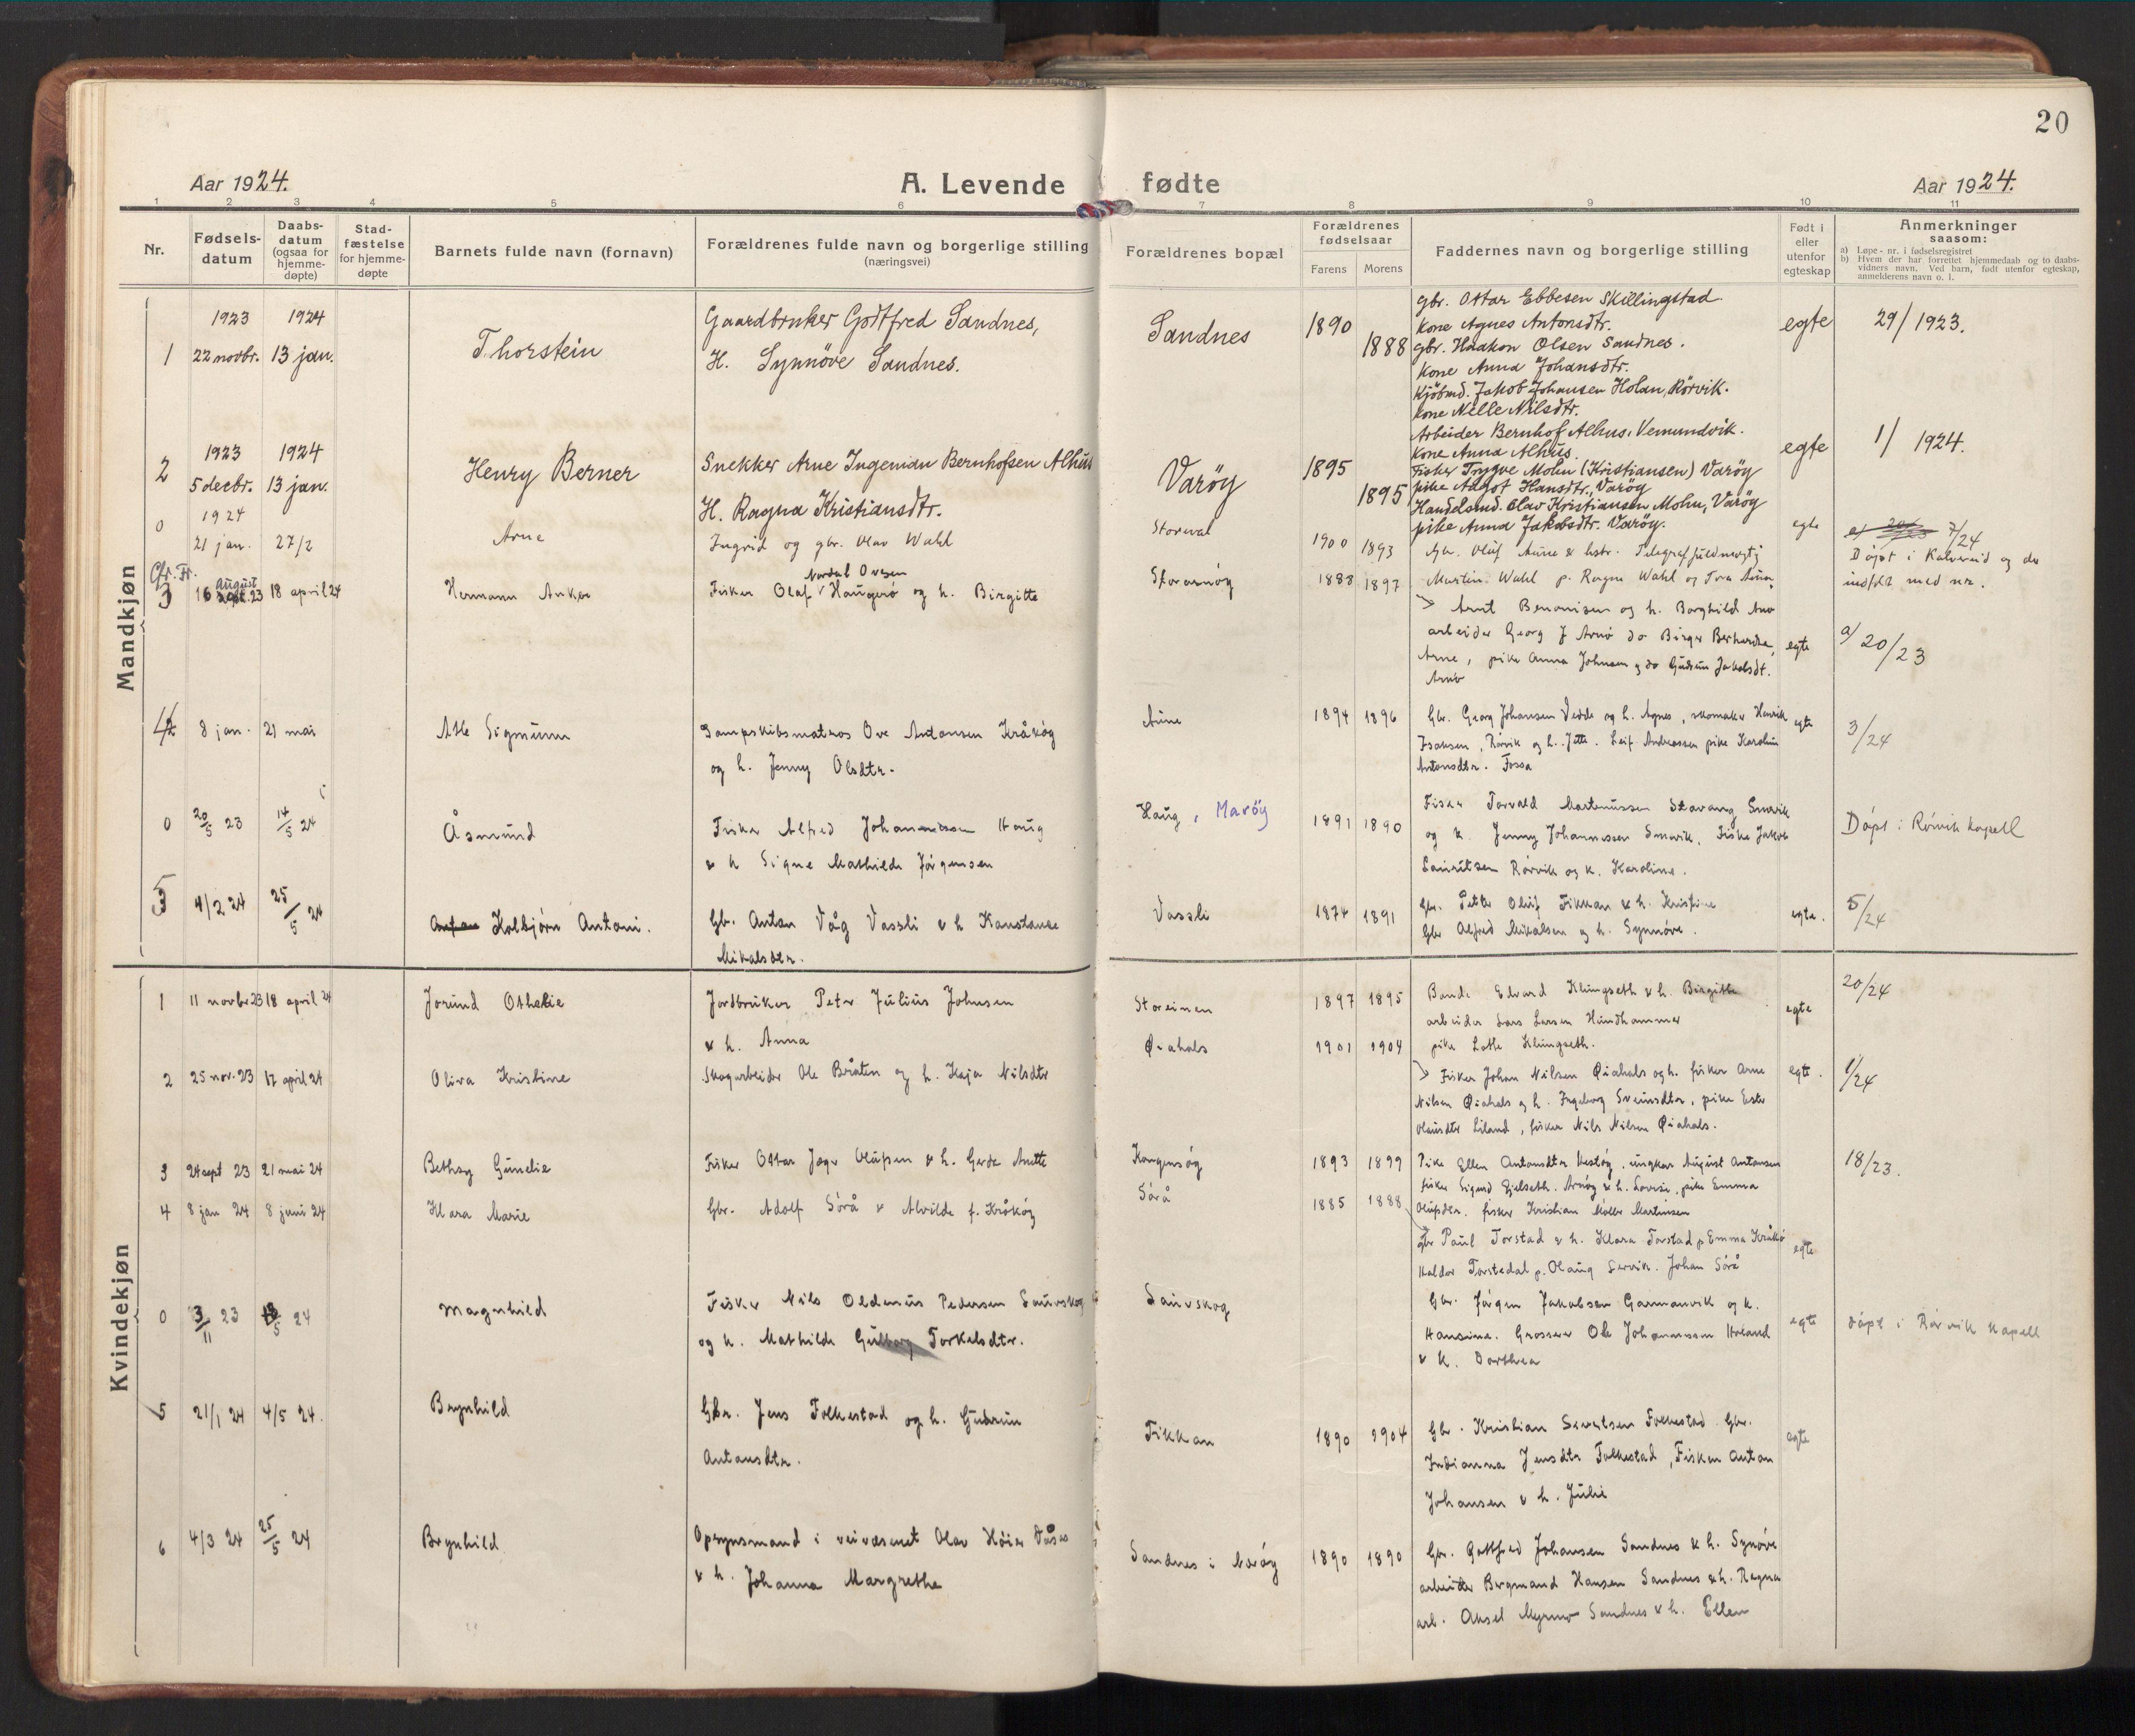 SAT, Ministerialprotokoller, klokkerbøker og fødselsregistre - Nord-Trøndelag, 784/L0678: Ministerialbok nr. 784A13, 1921-1938, s. 20